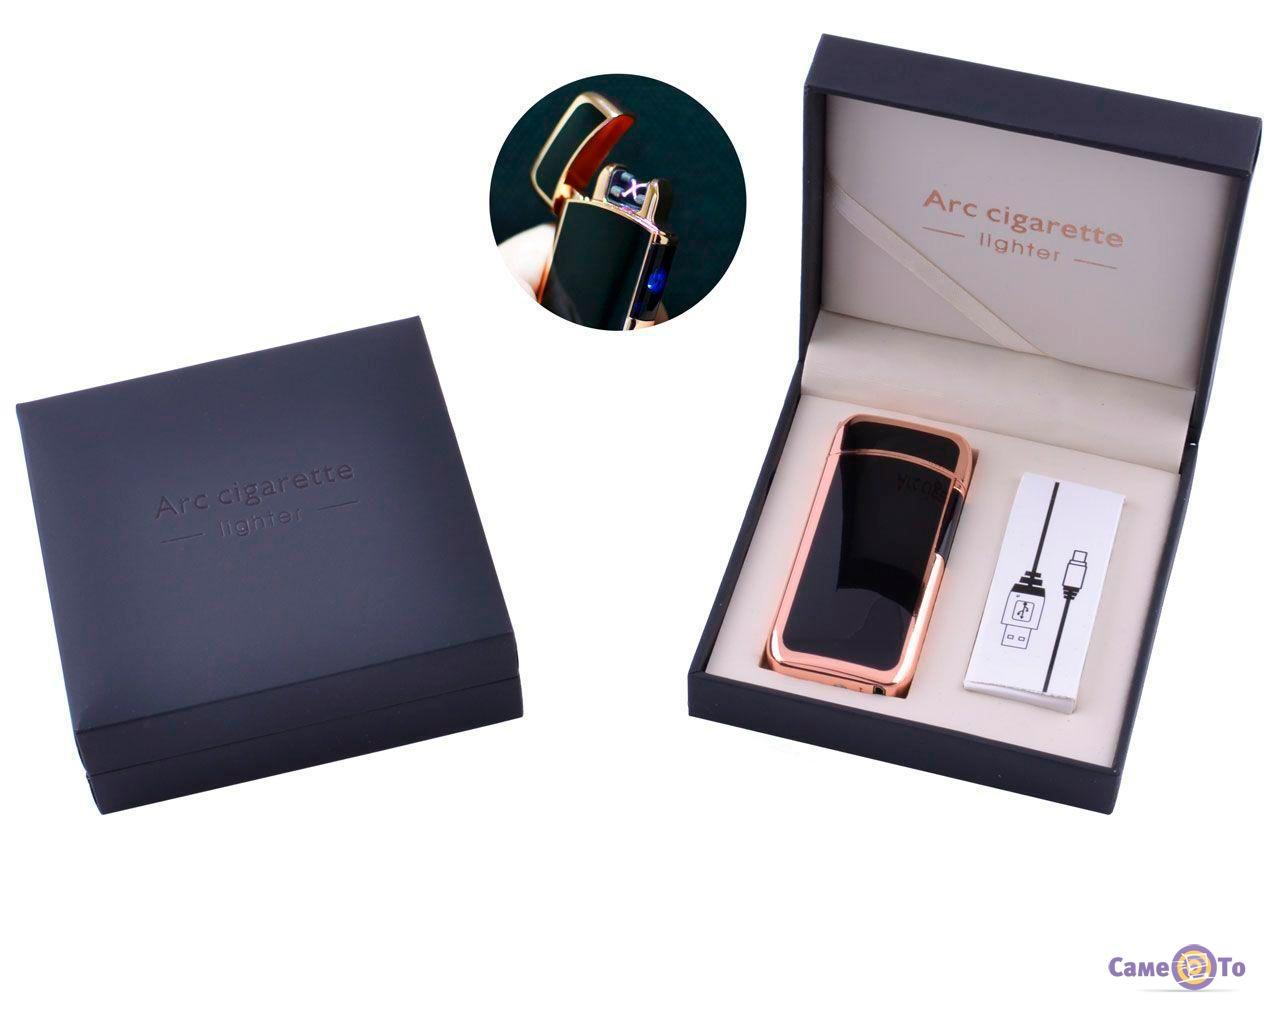 Электроимпульсная USB зажигалка Arc Cigarette в подарочной упаковке